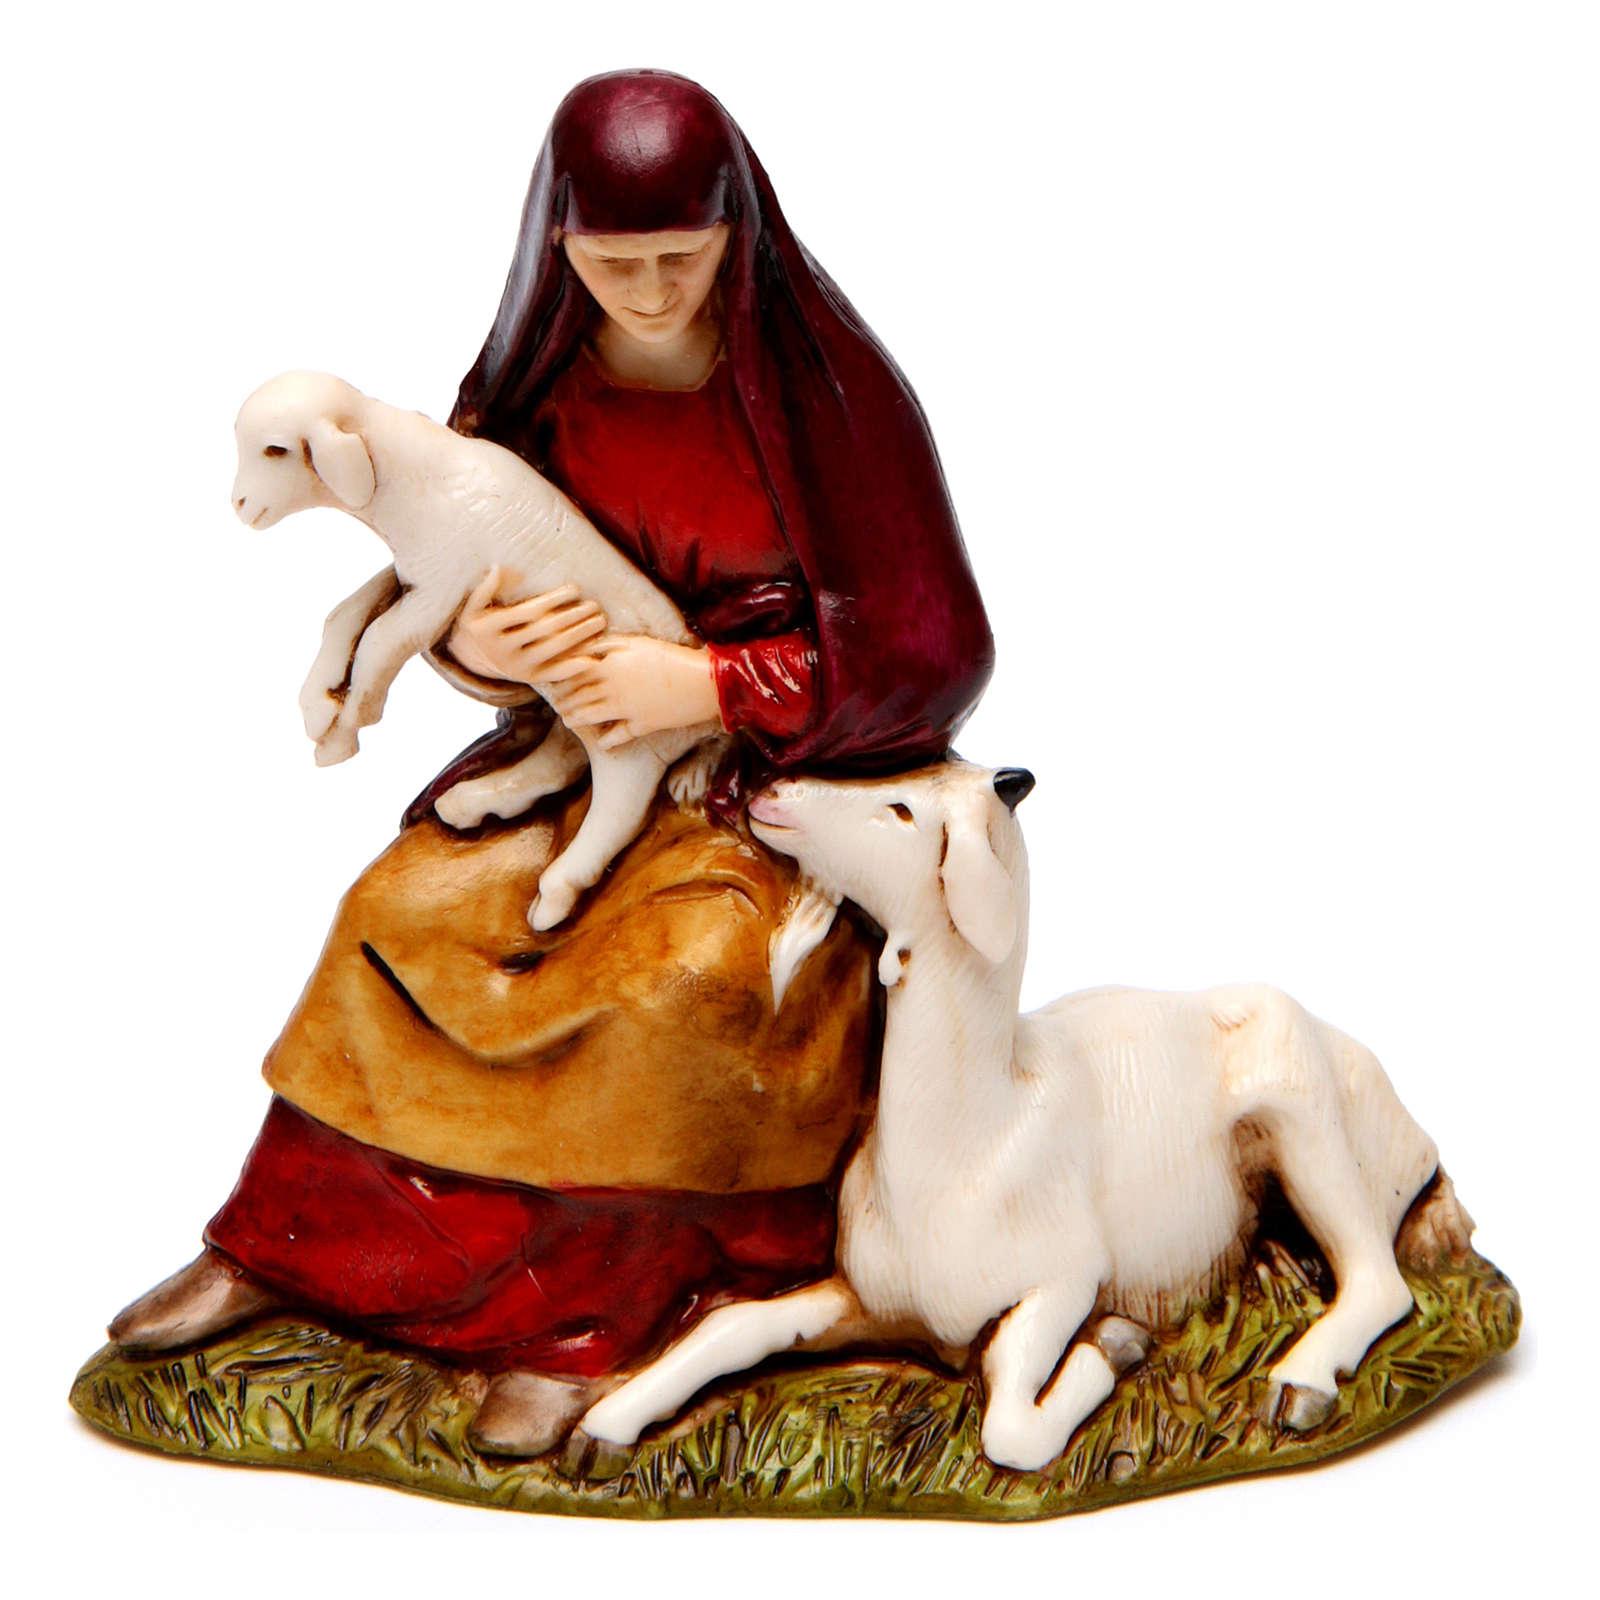 Zampognaro meravigliato donna con capra 8 cm Moranduzzo stile storico 4